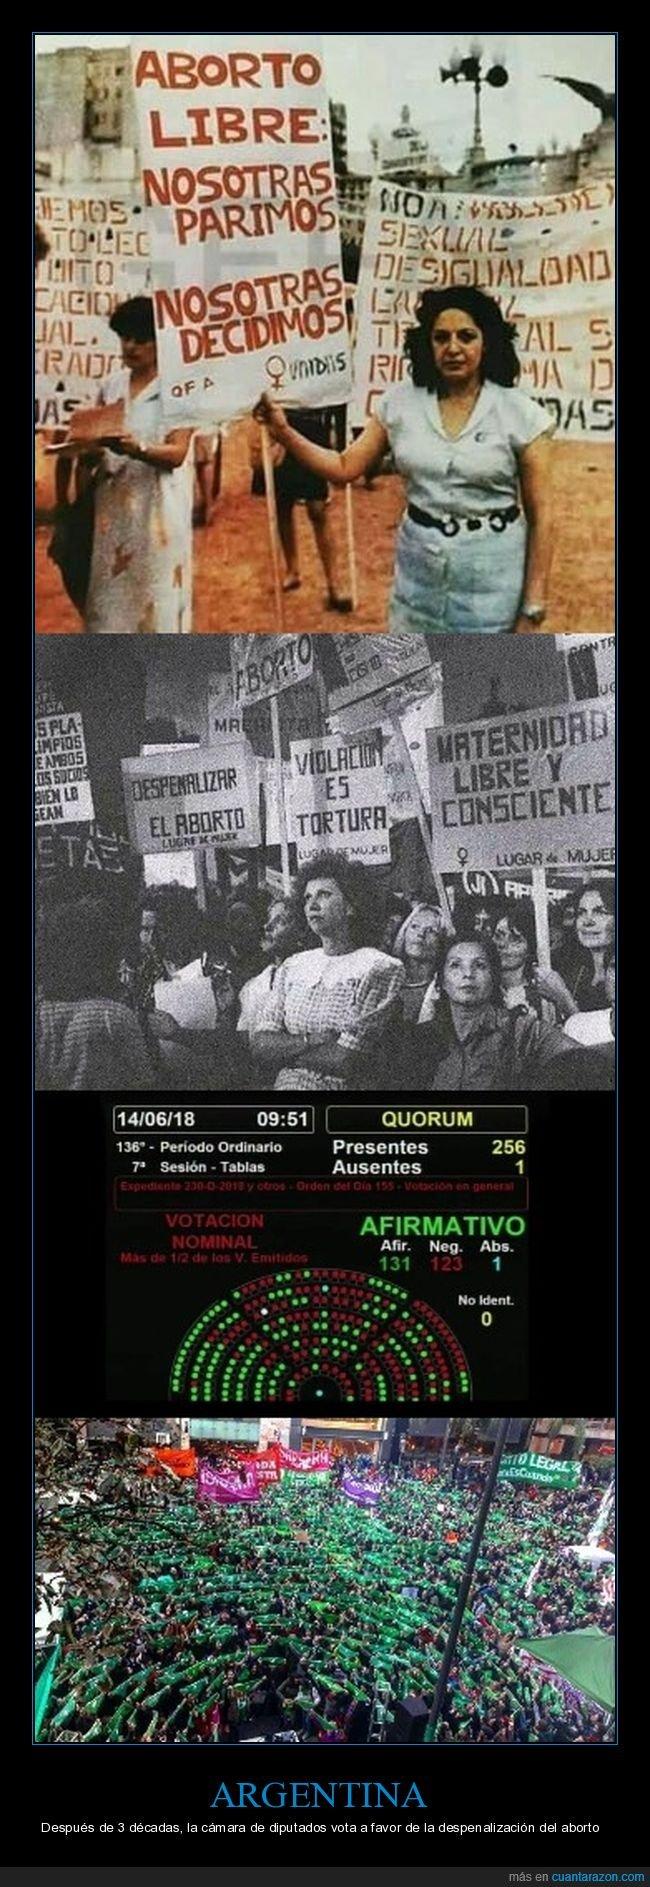 aborto,argentina,despenalización